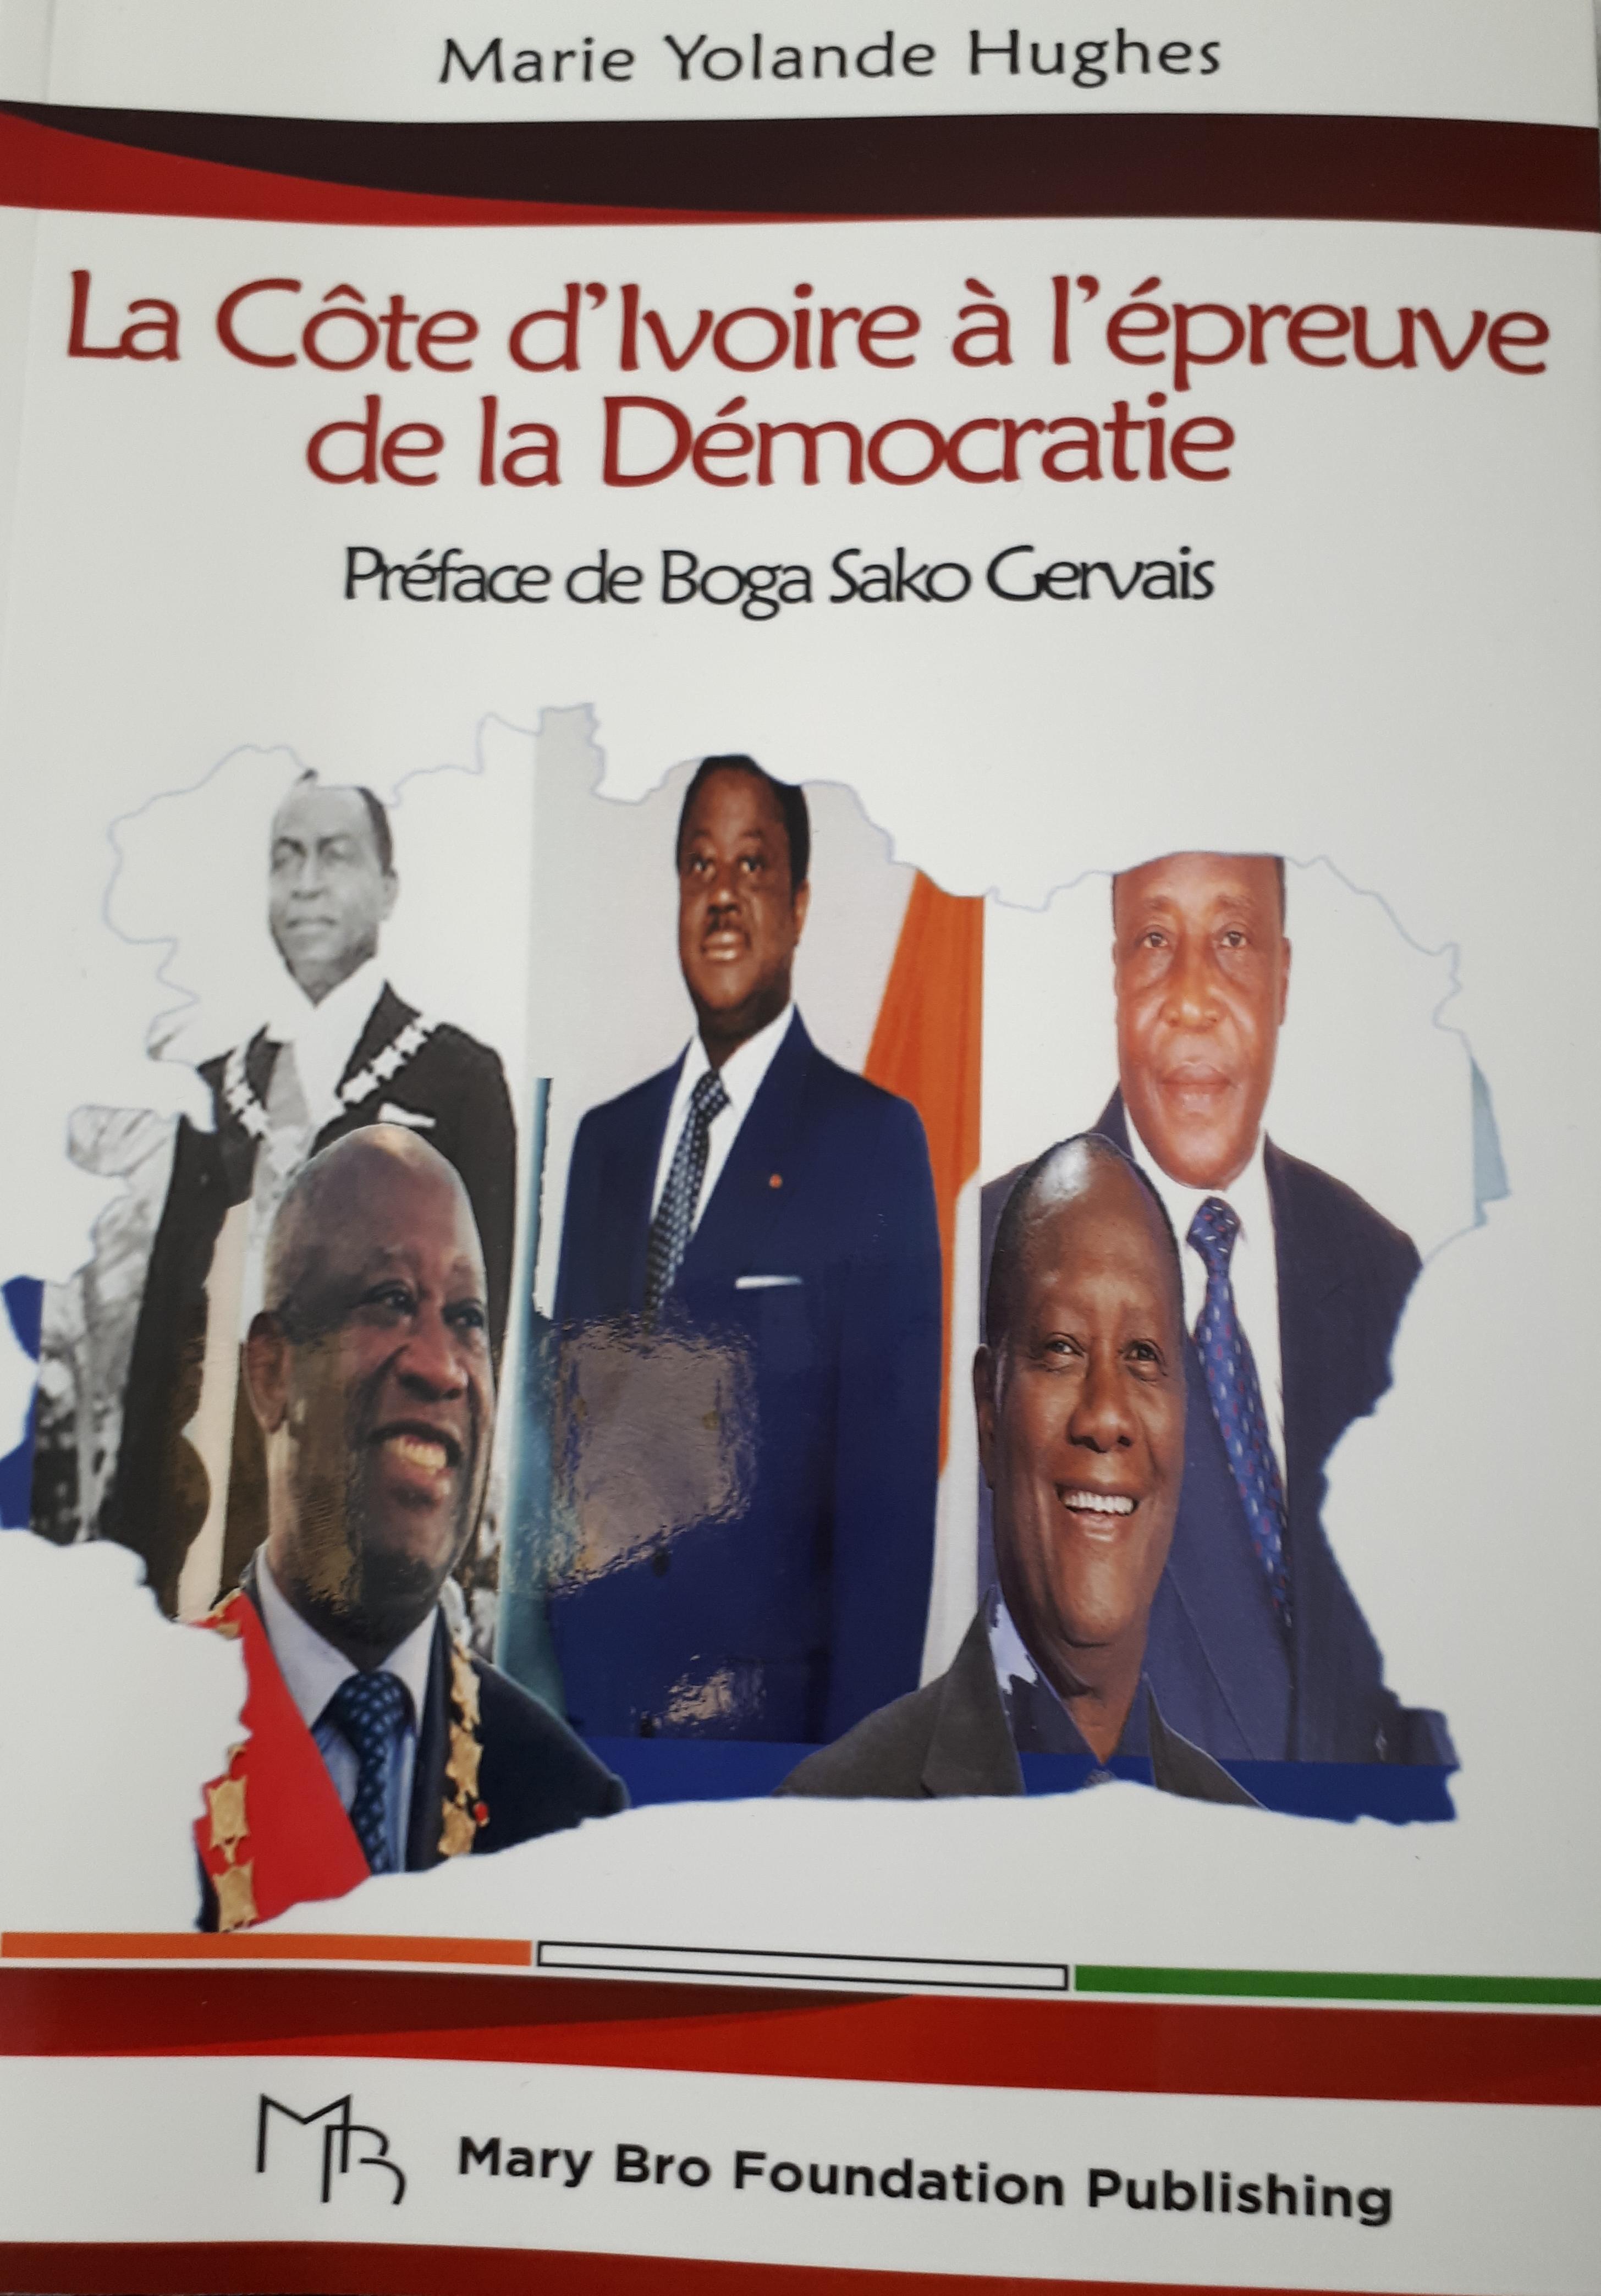 COTE D'IVOIRE:»DROITS des CHIENS en FRANCE;DROITS DES IVOIRIENS en CÔTE D'IVOIRE»(JMTV+)